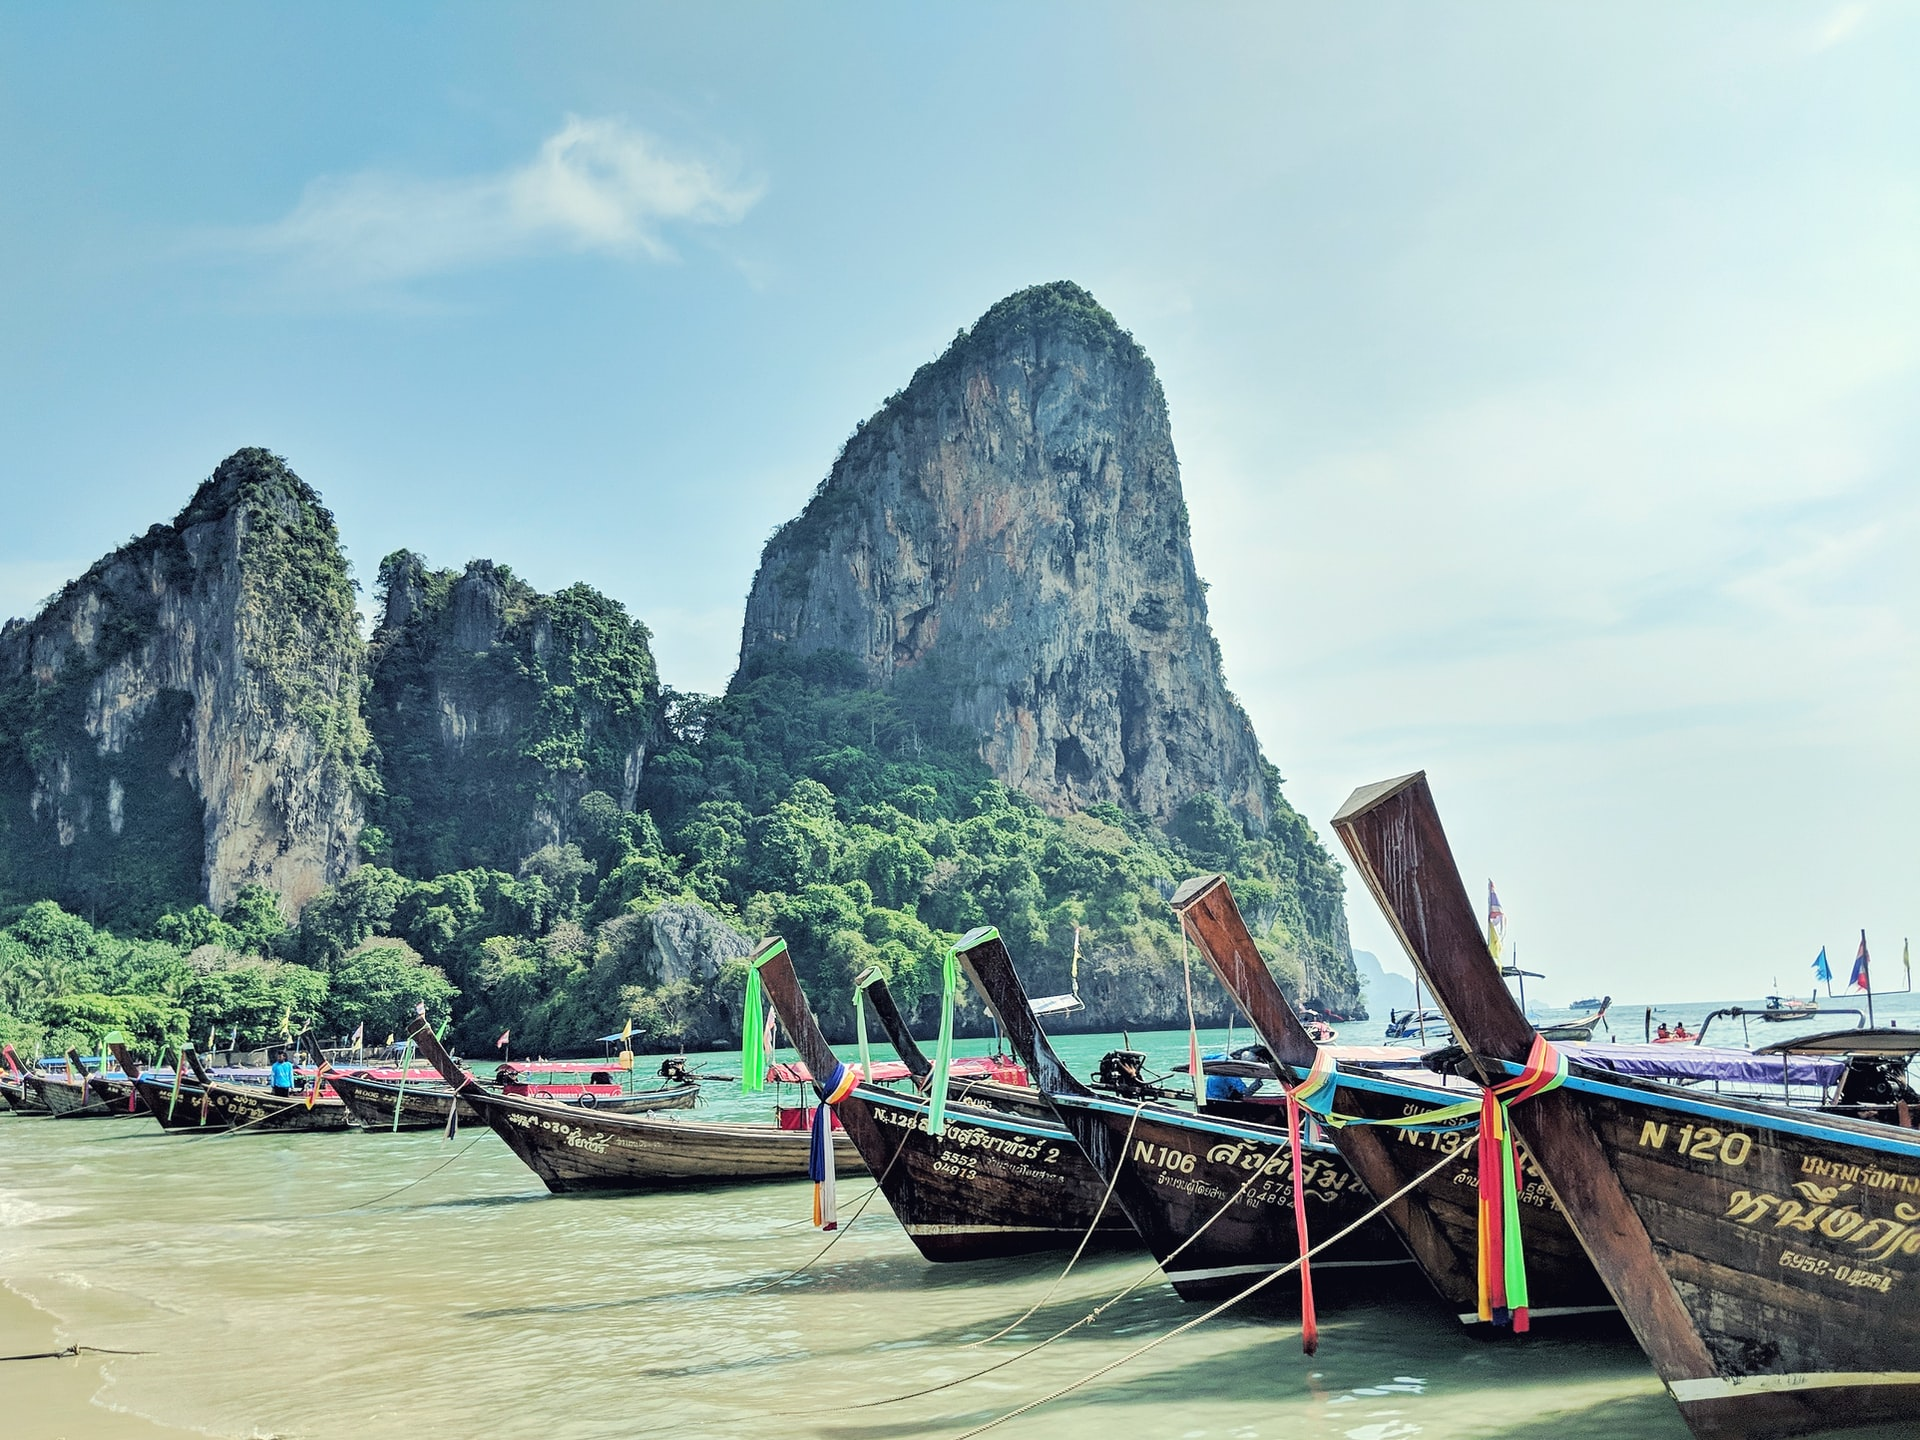 Få skræddersyet din drømmerejse til Thailand